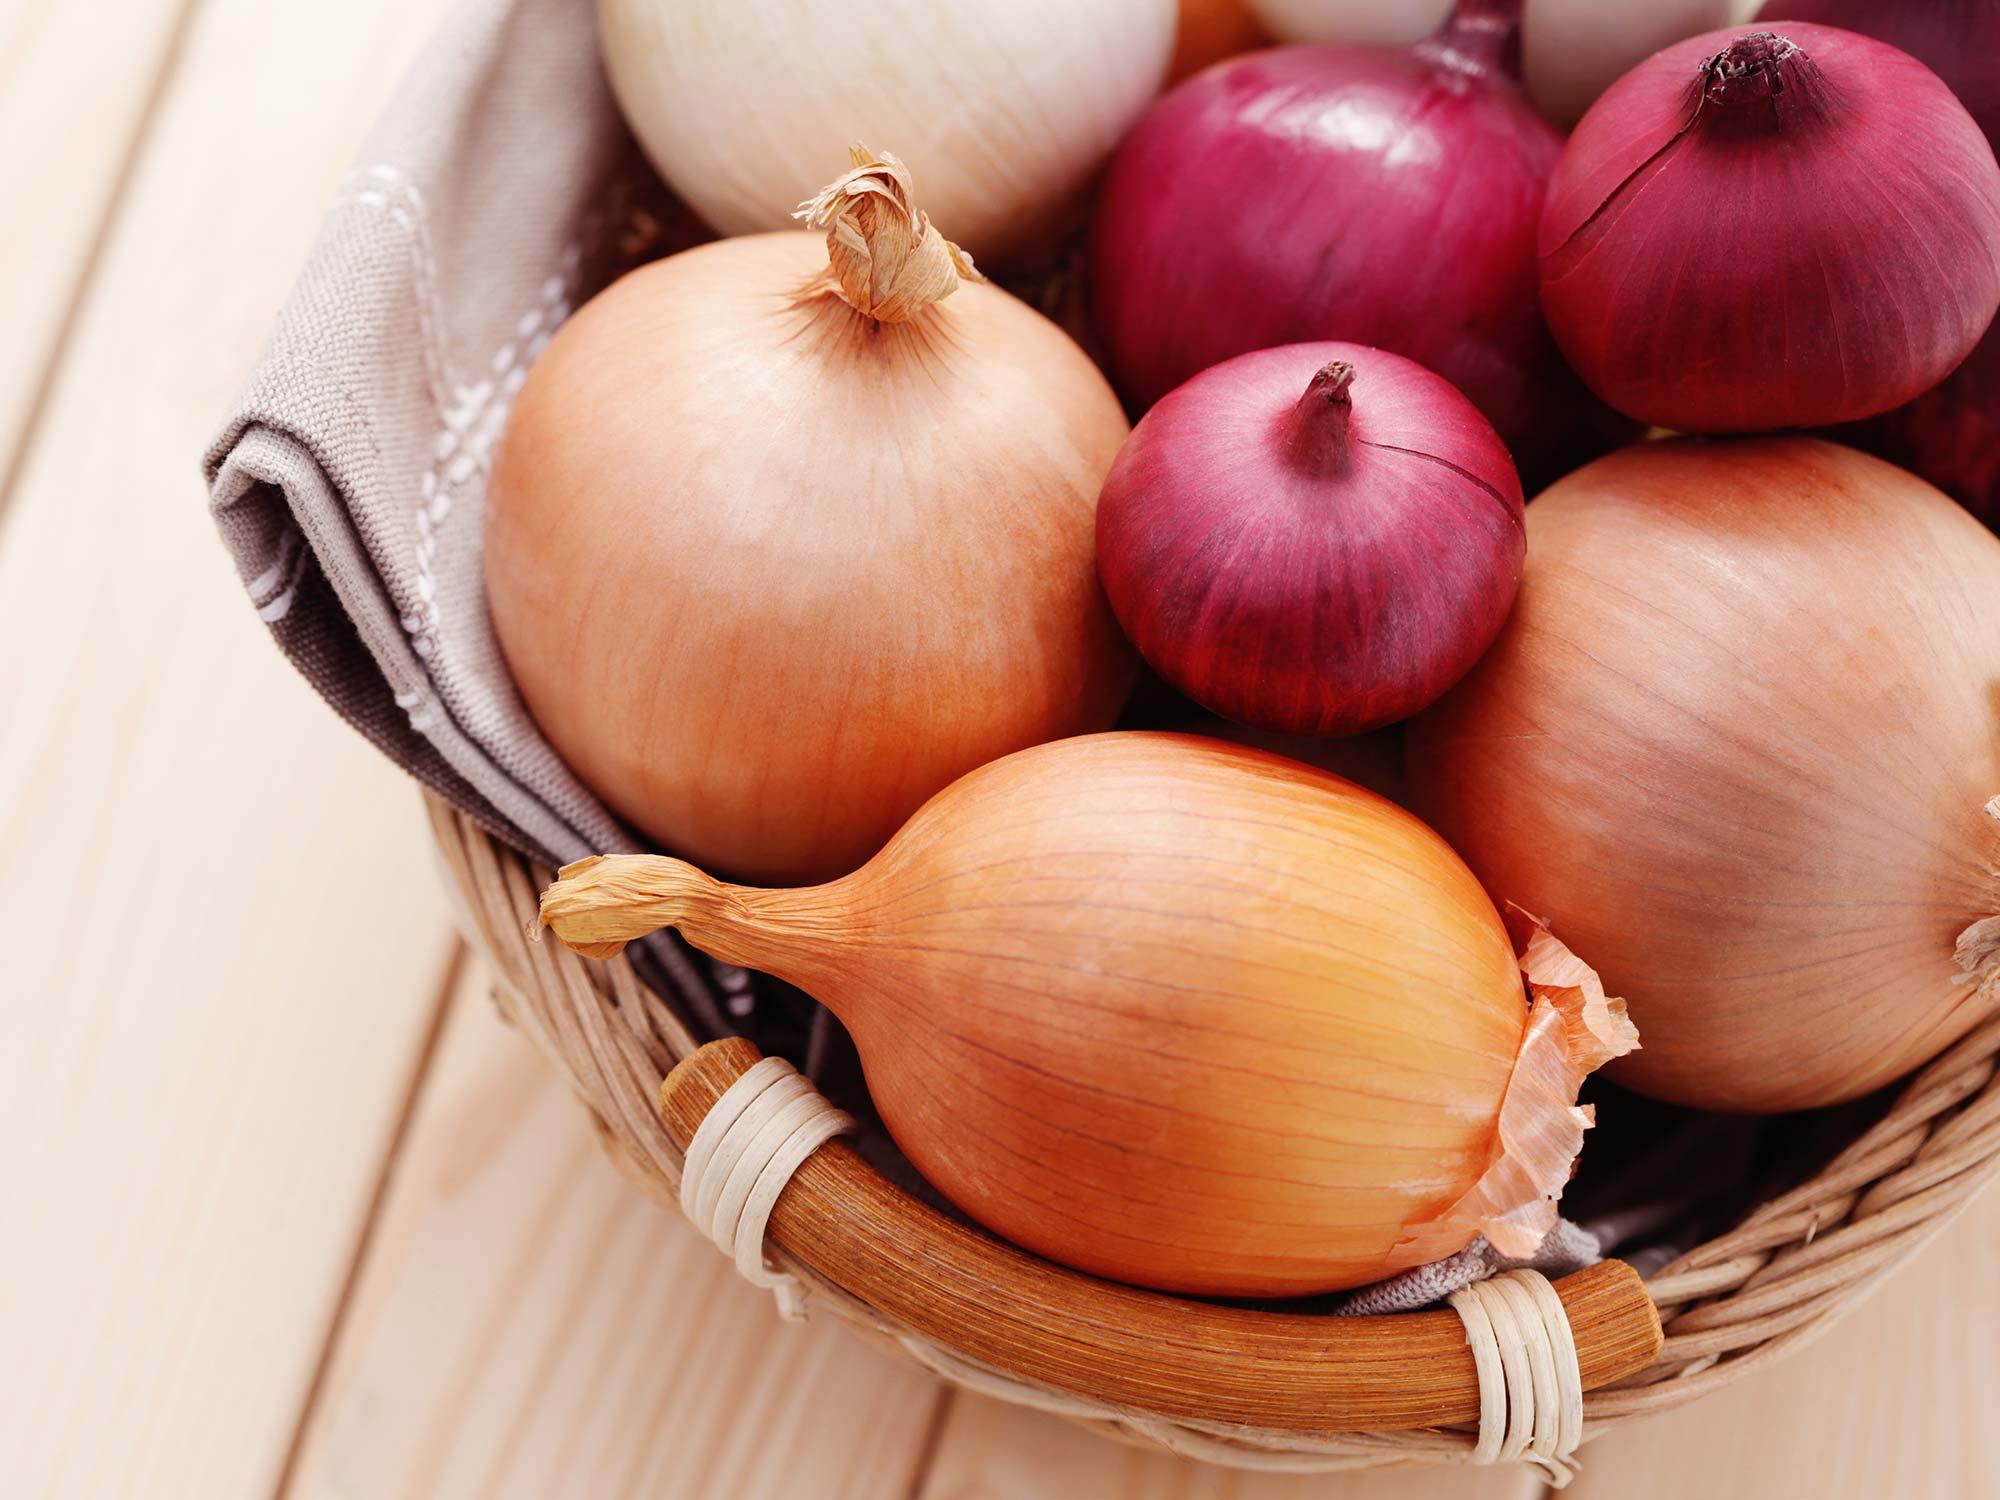 مقابله با سرماخوردگی و آنفولانزا بااین سبزیجات